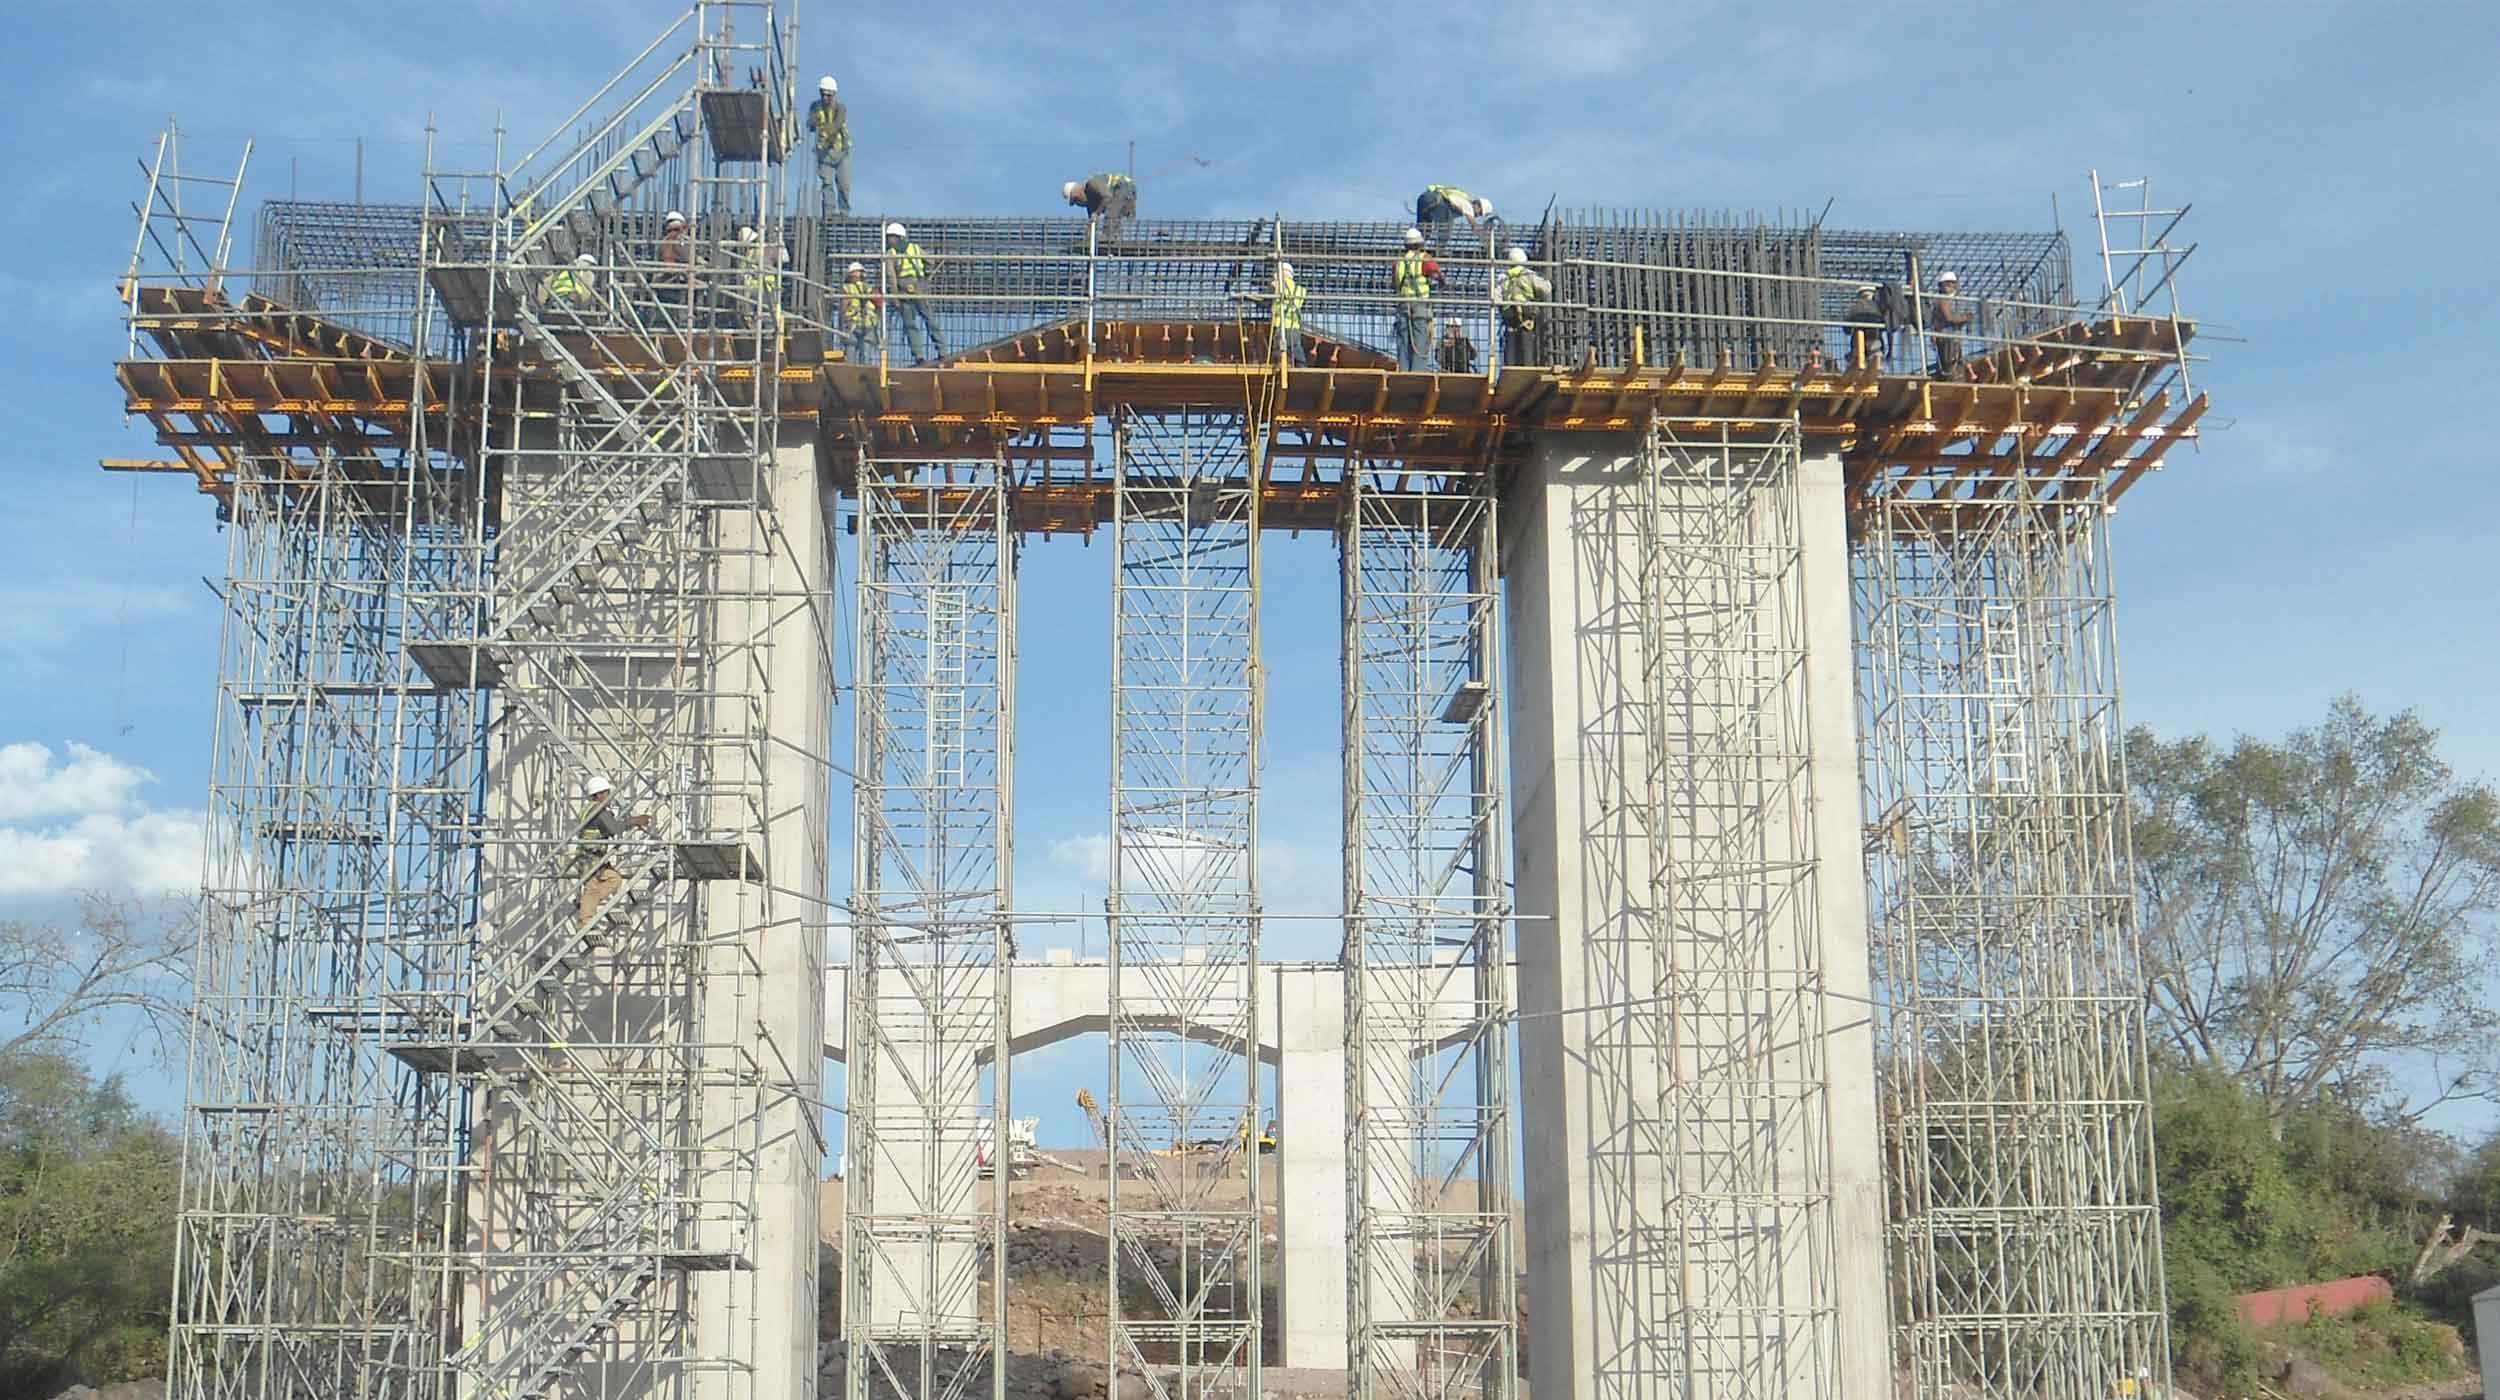 El proyecto consiste en la construcción de una autopista de cuota, de aproximadamente 160 km de longitud, diseñada para una carga móvil T3-S2-R4.